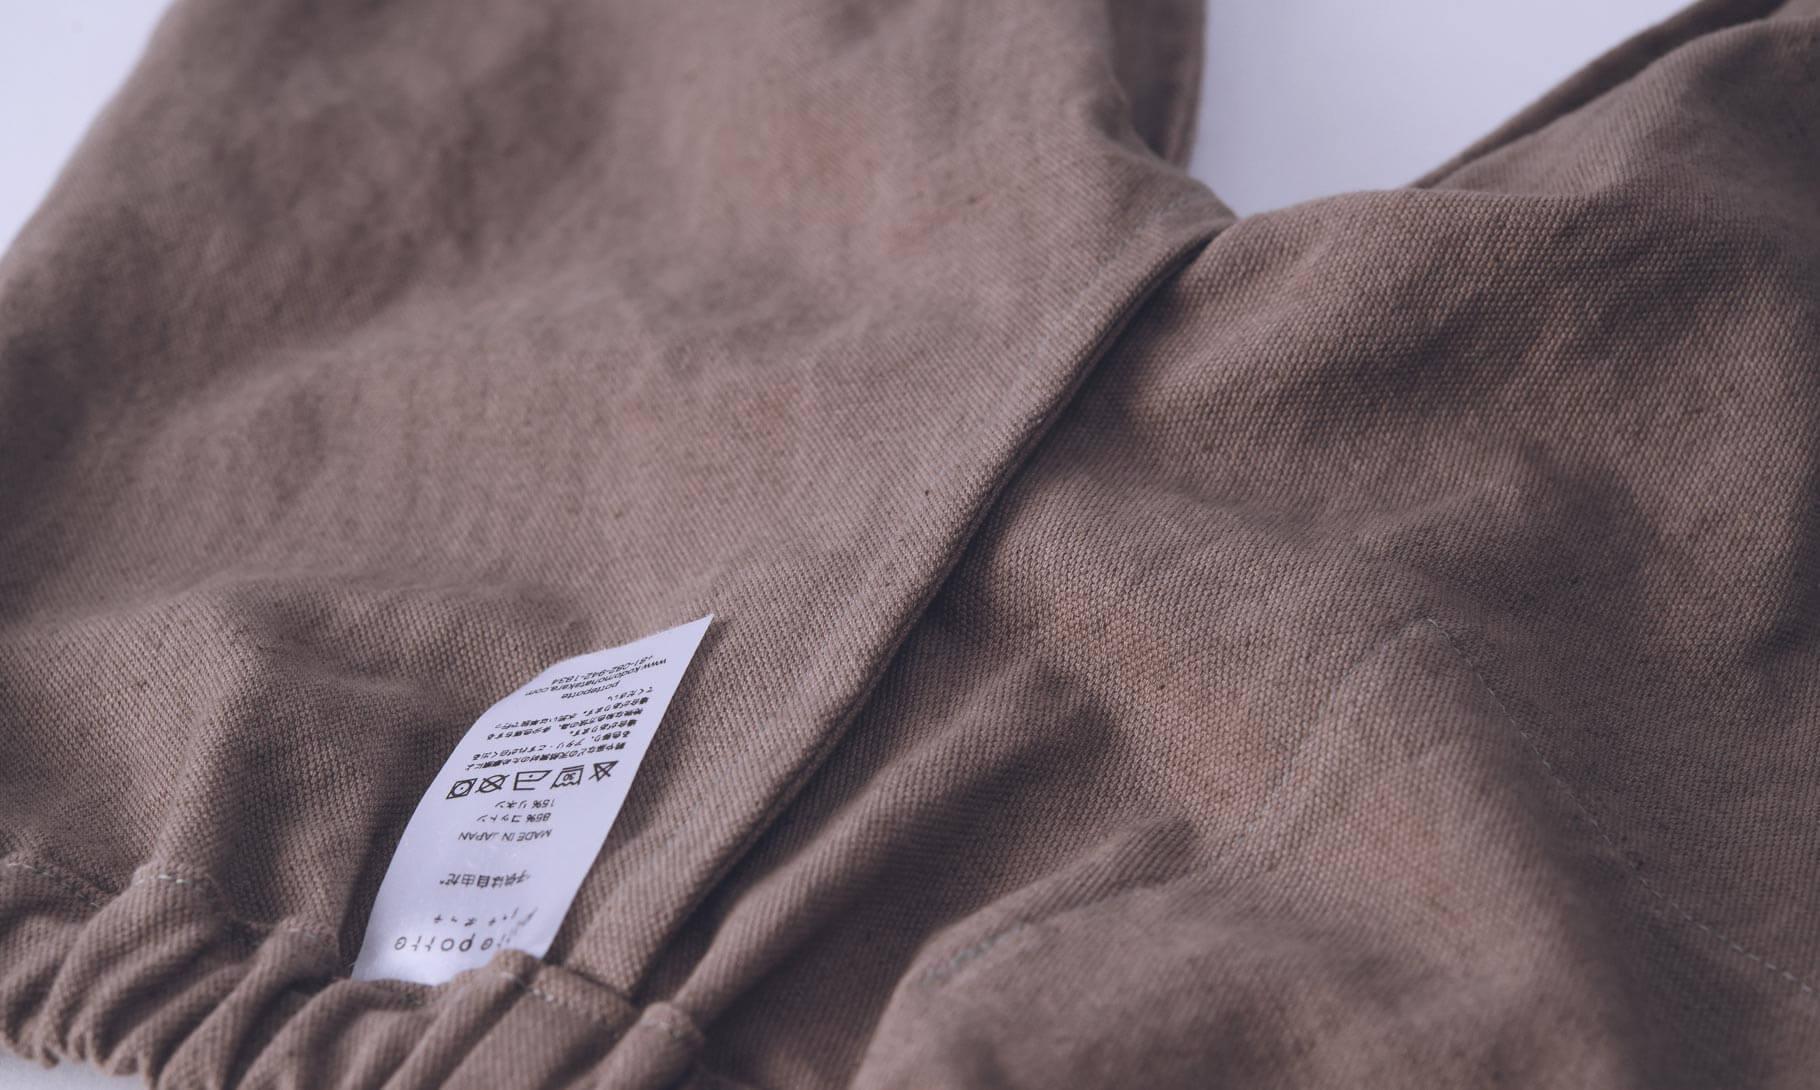 スモックパンツ、裏側品質表示タグと袋縫い